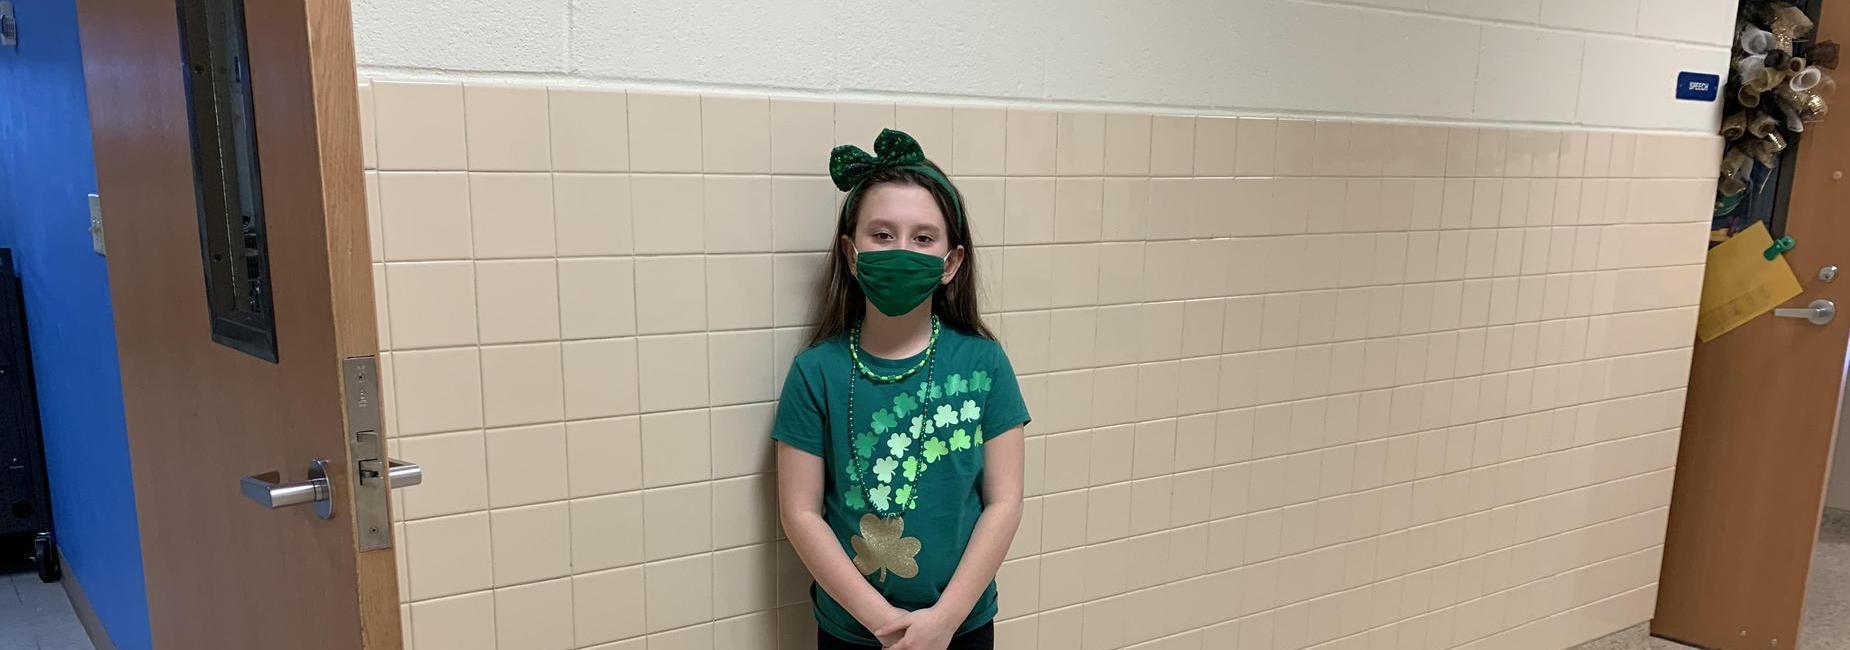 Girl in St. Patrick's celebration